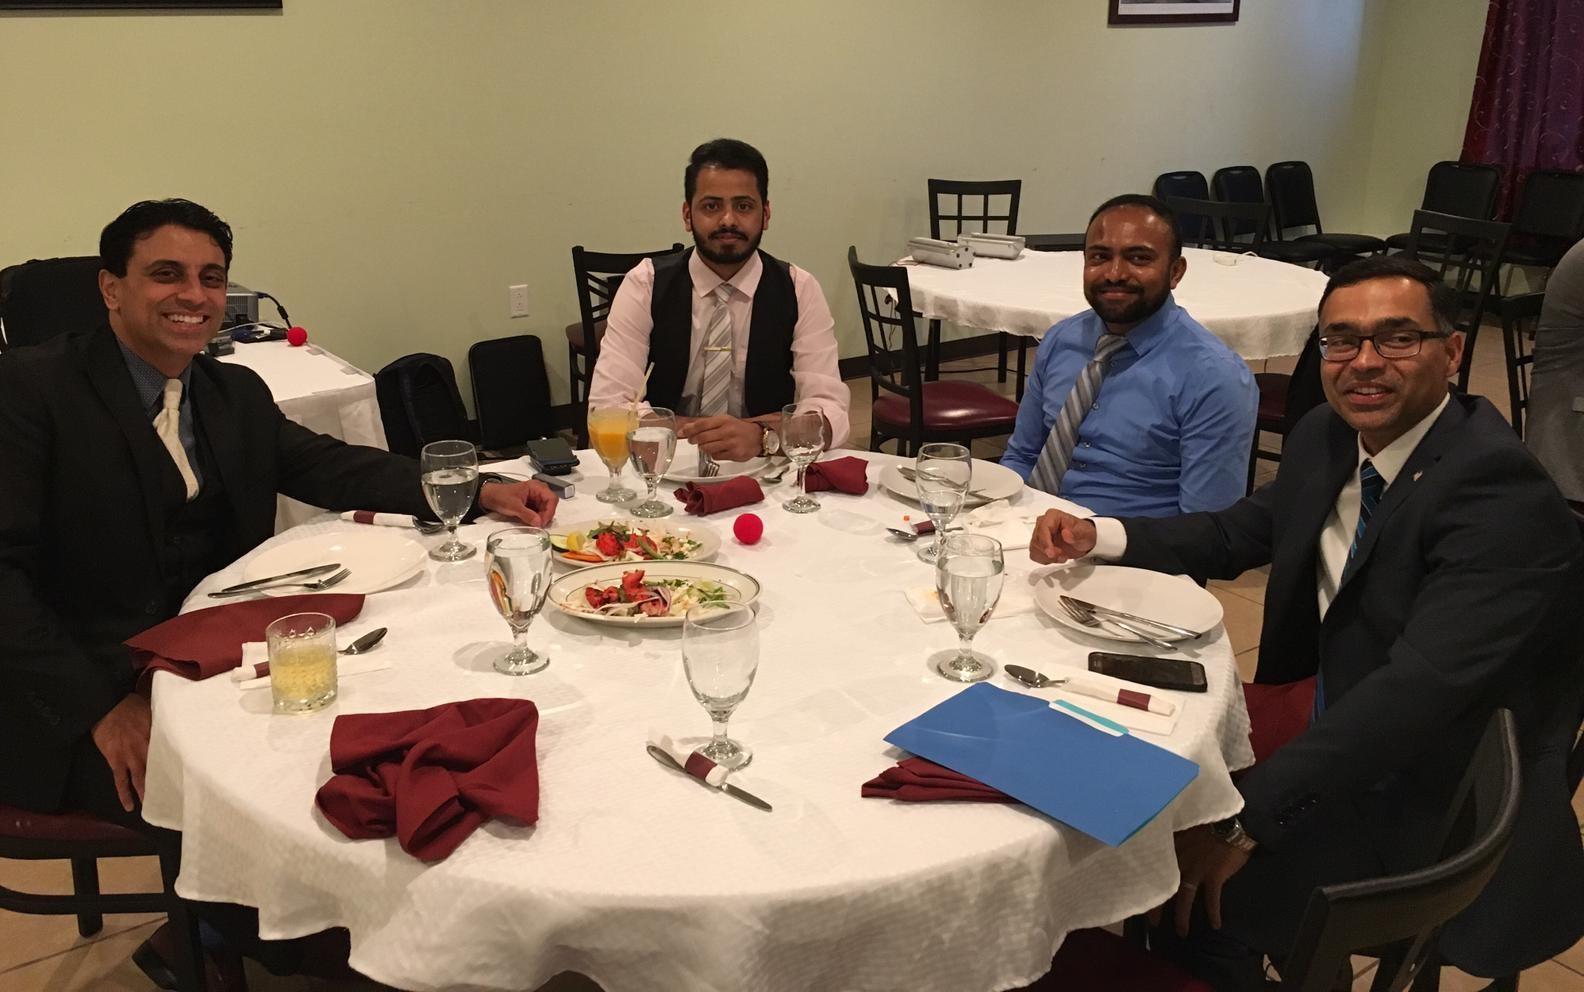 Drs & CEO Raj, Bilal, Naga & Prateek